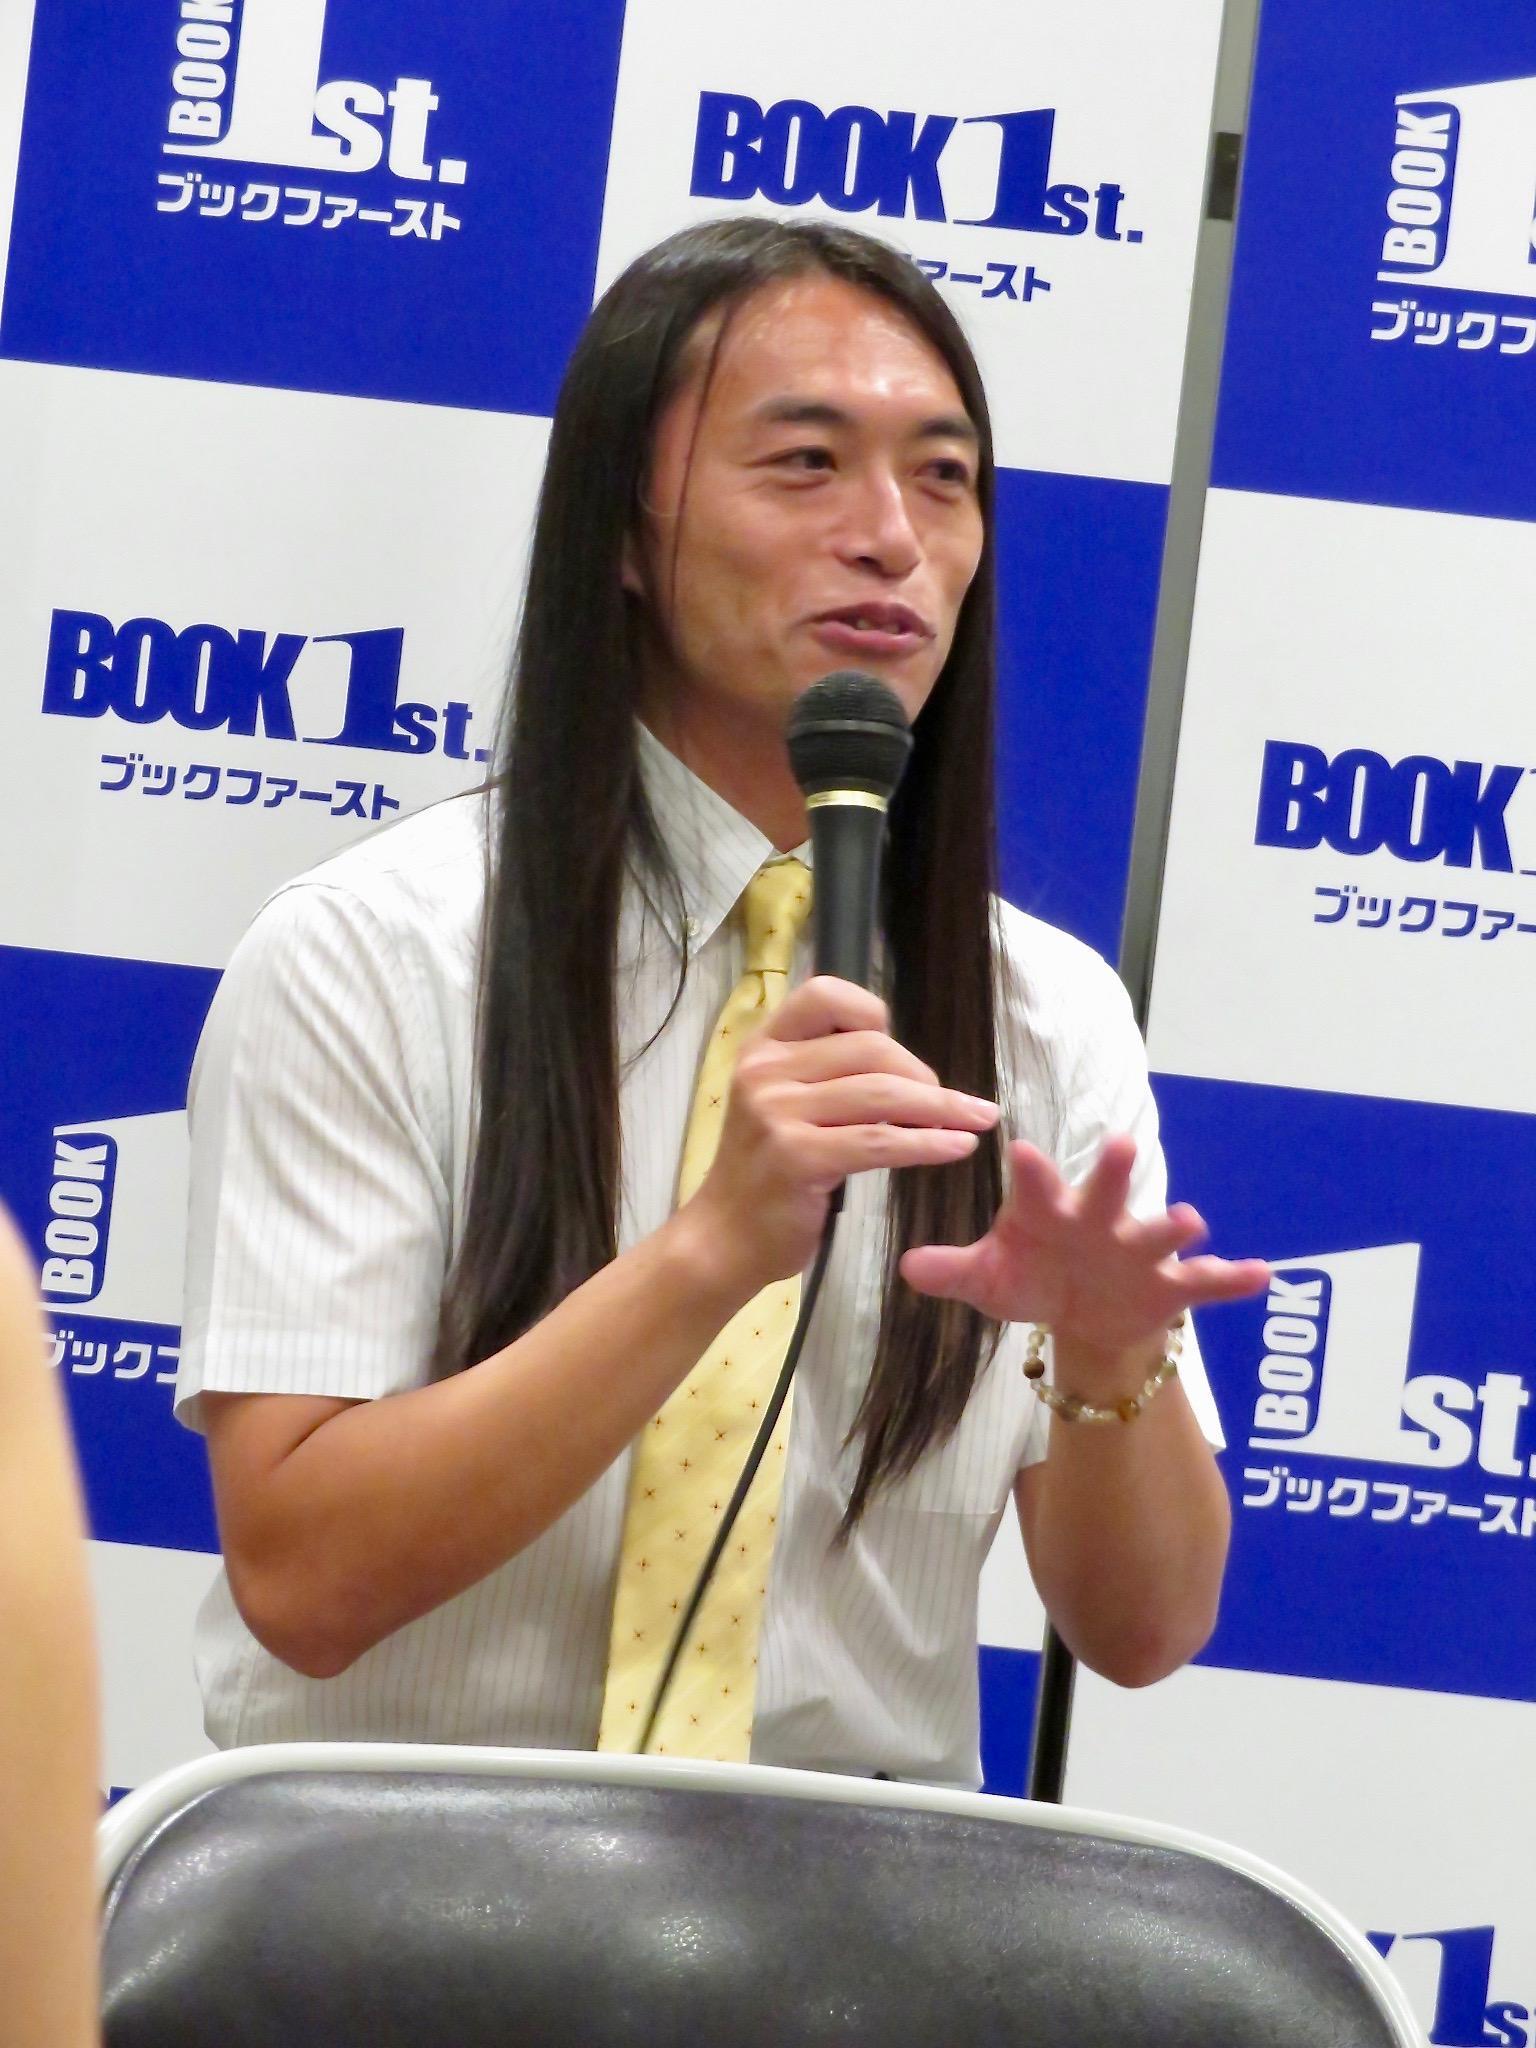 http://news.yoshimoto.co.jp/20180927224037-6e34def293111f4f0d1264c63d4e7edf5ab46ea1.jpg